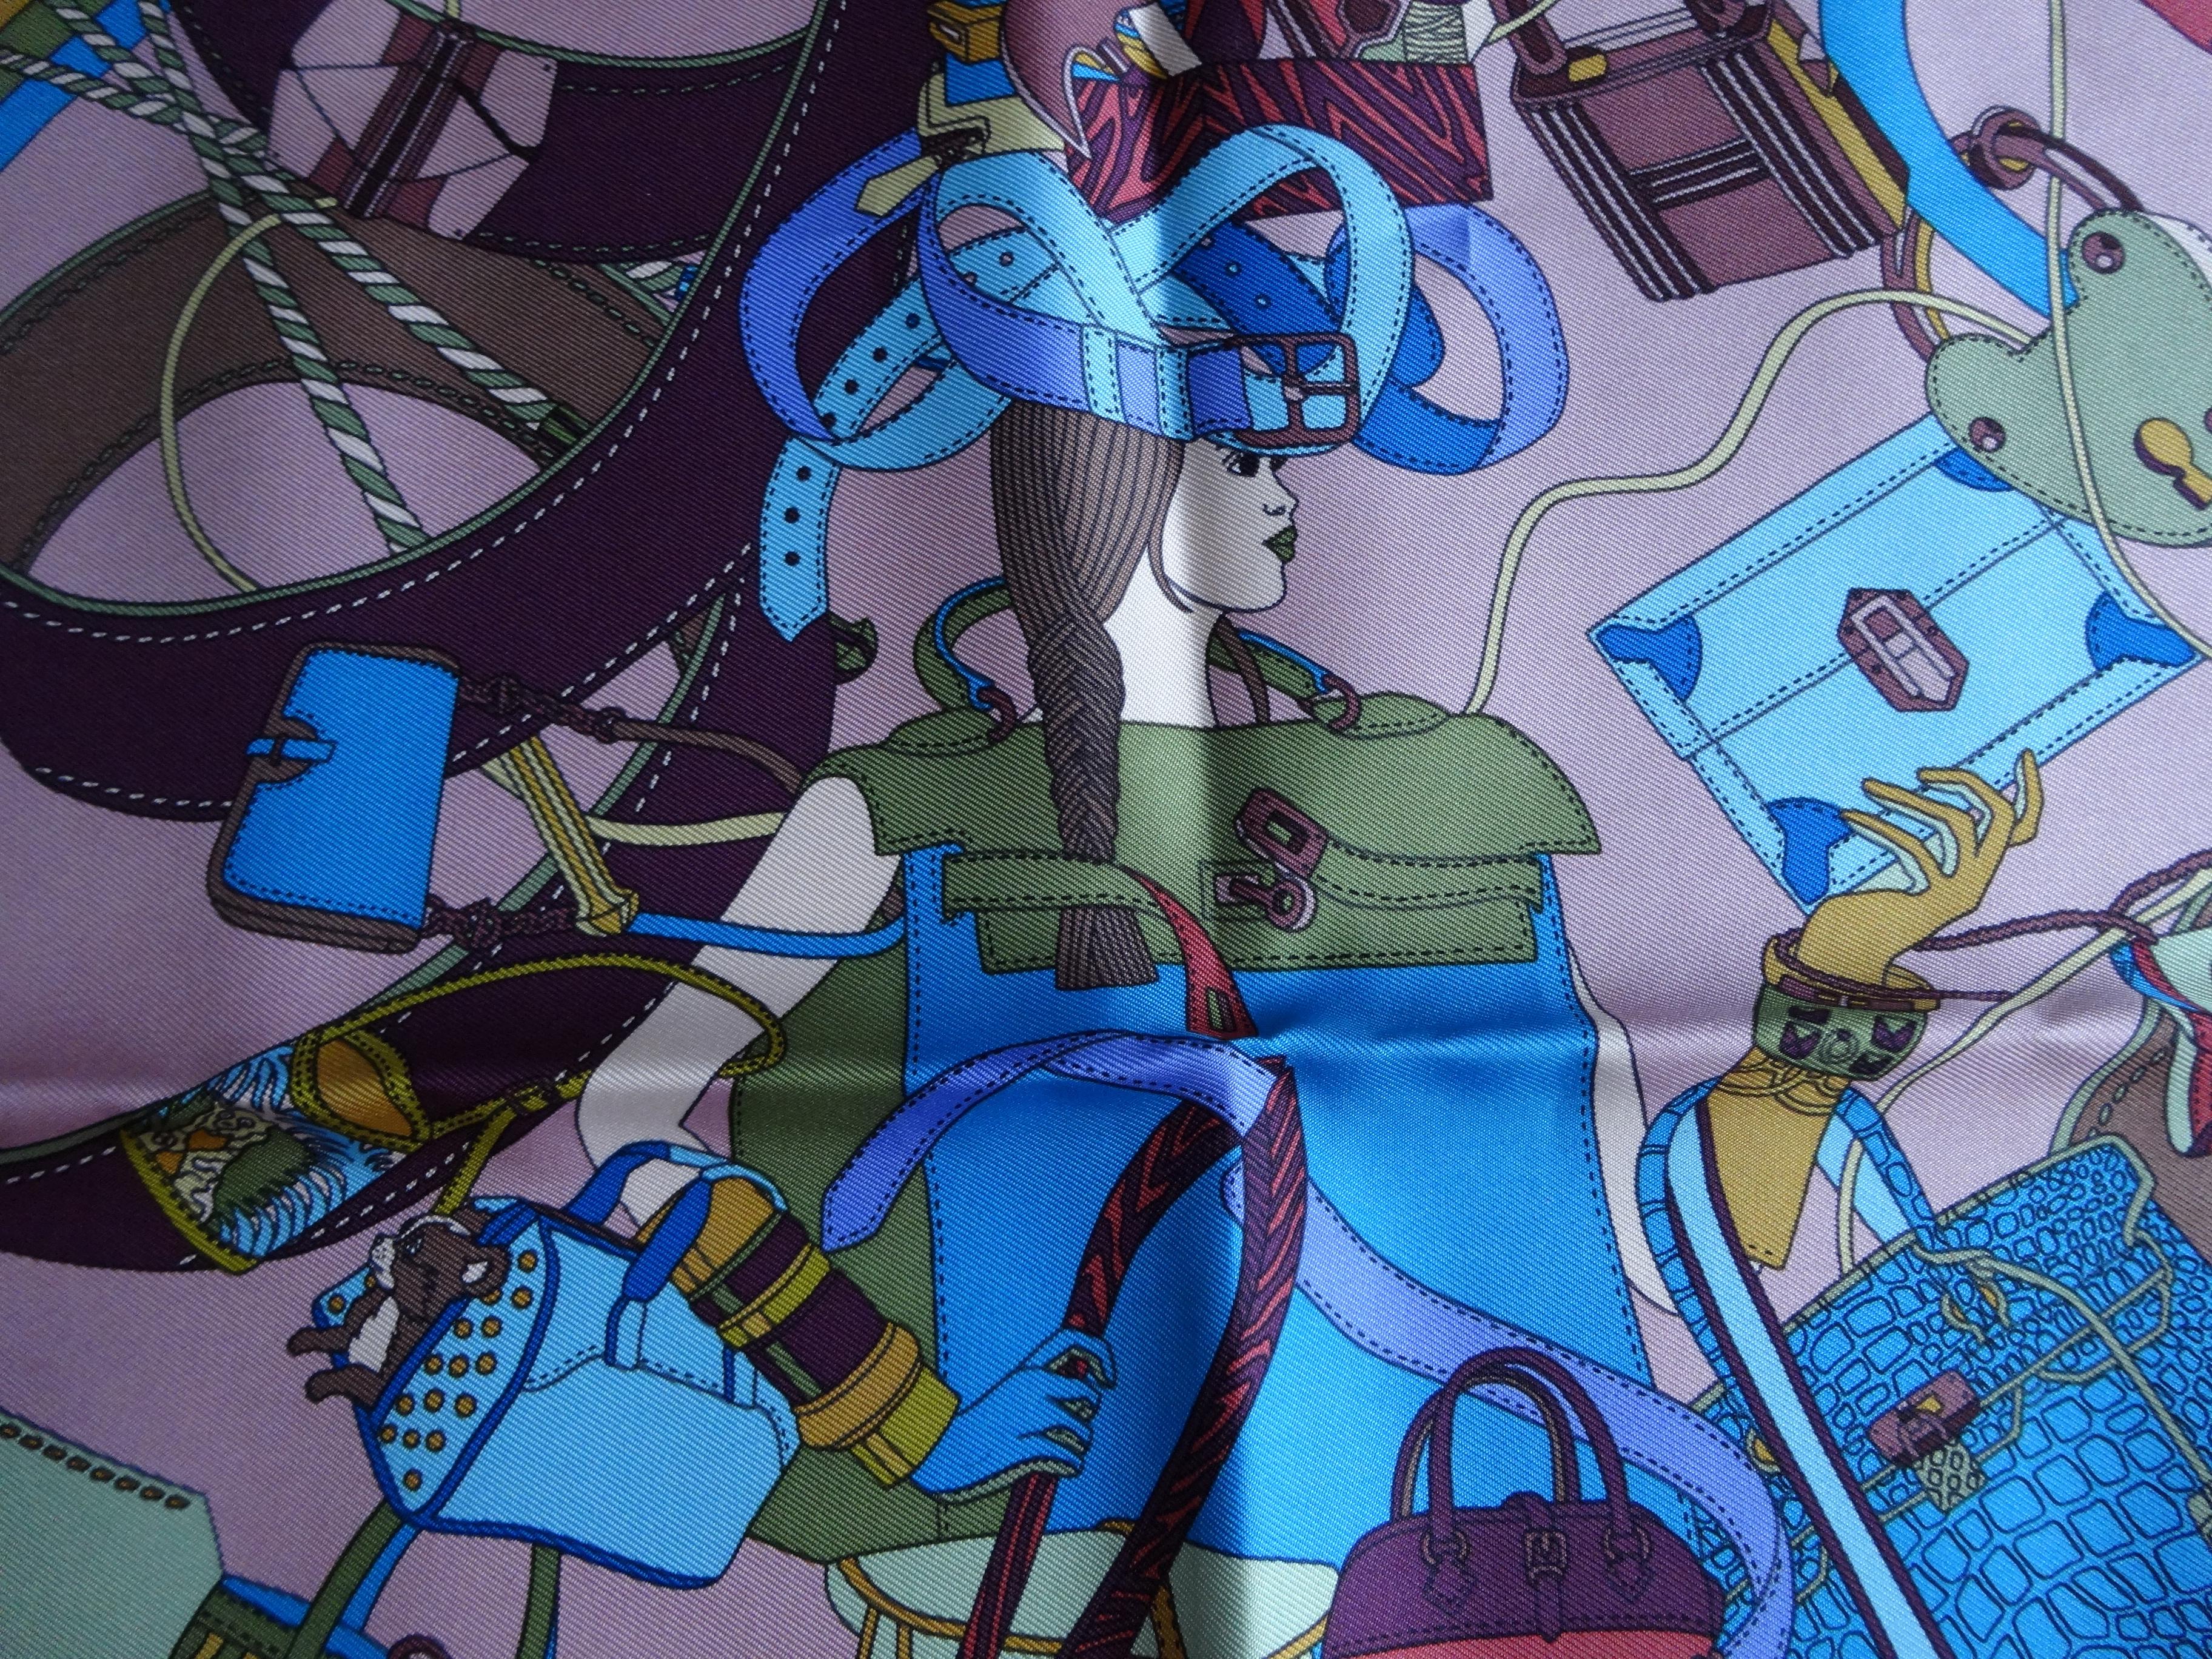 Madame Cuir by Pierre Marie, 2011, silk scarf 42cm